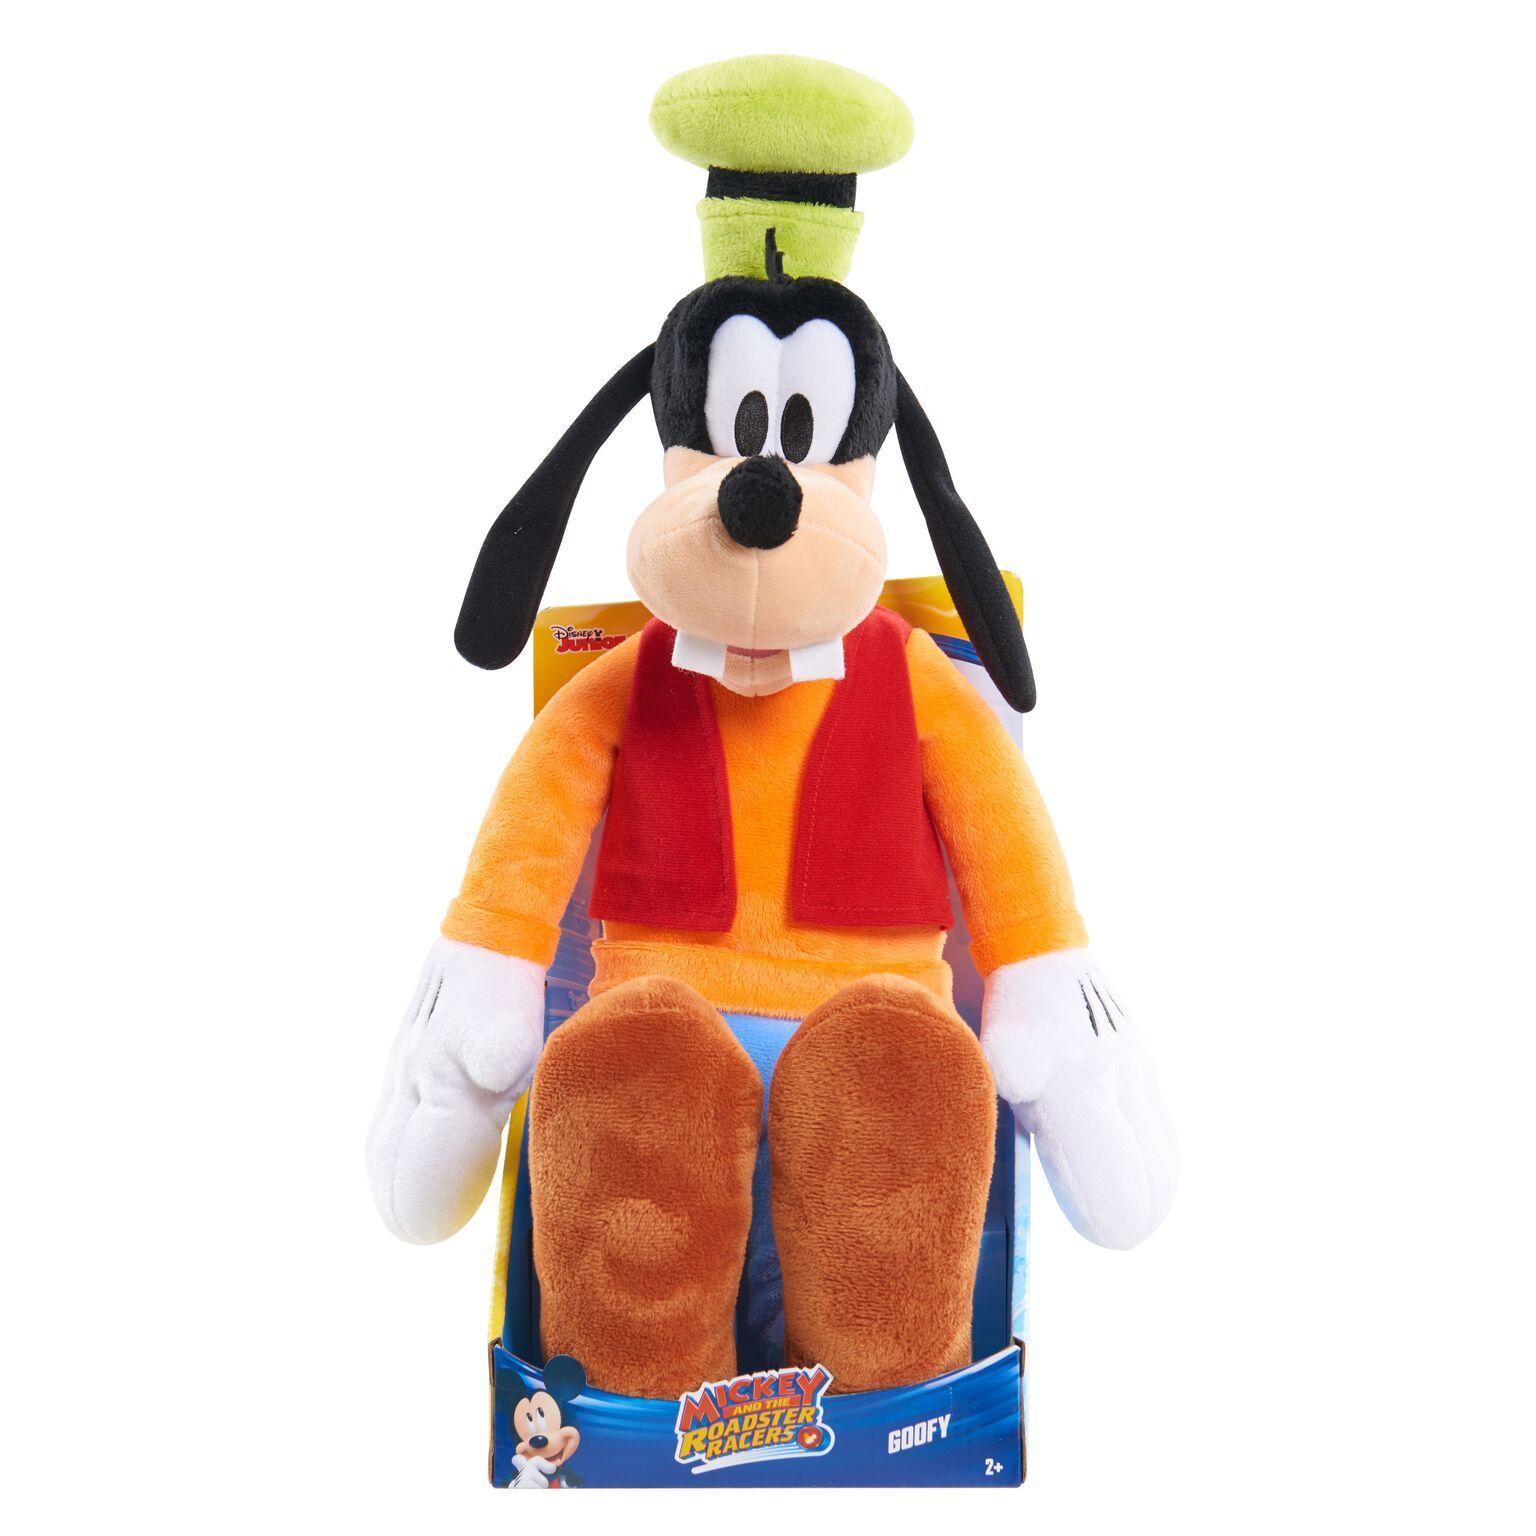 Disney: Classics Large Plush - Goofy image